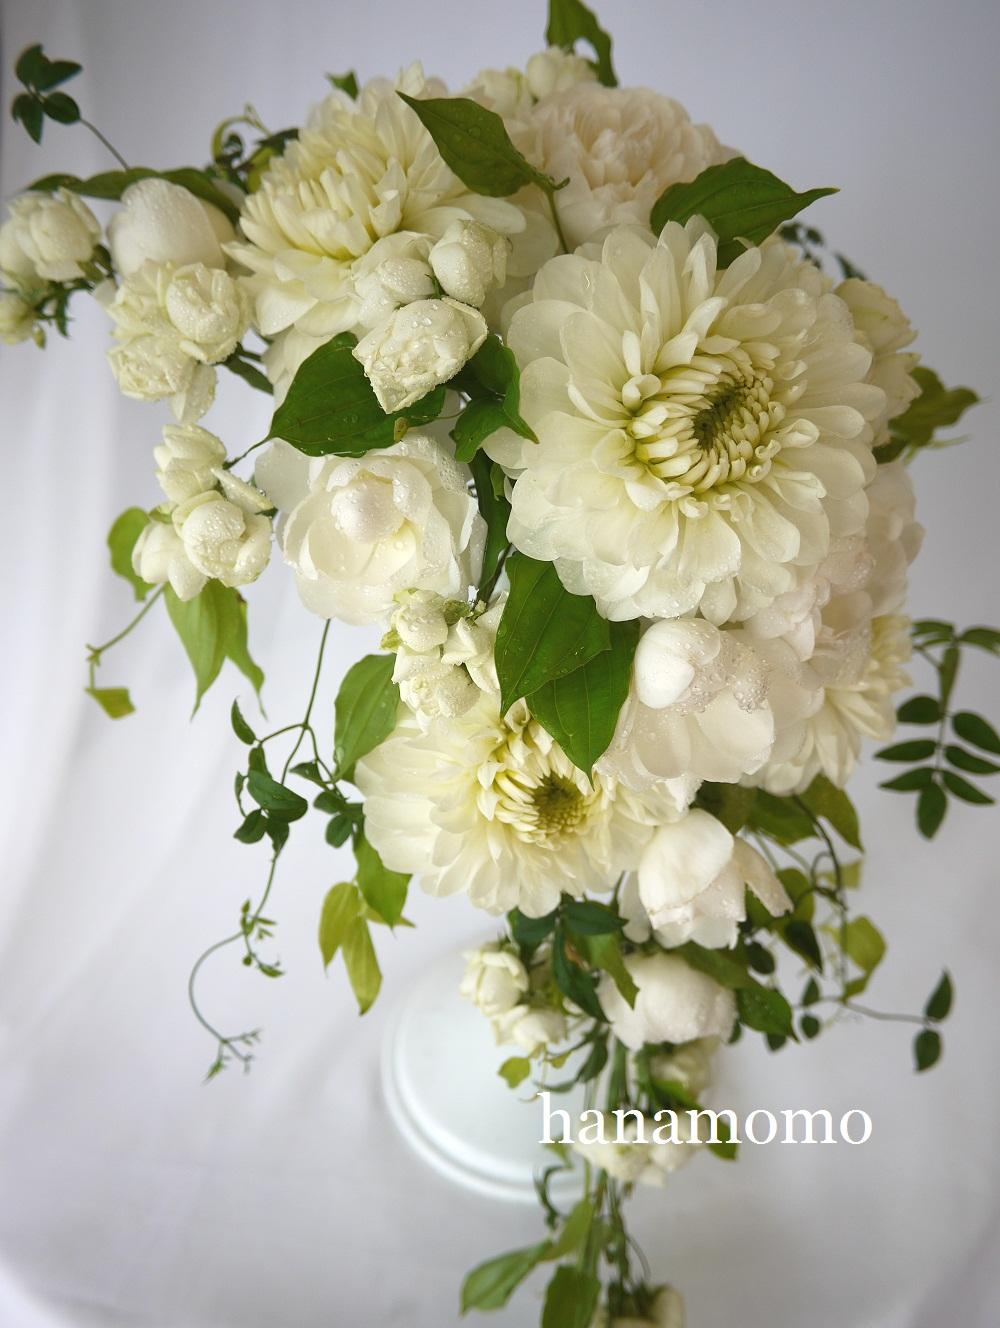 大切な思い出を作ろう!結婚式のブーケを保存する方法をご紹介☆のサムネイル画像